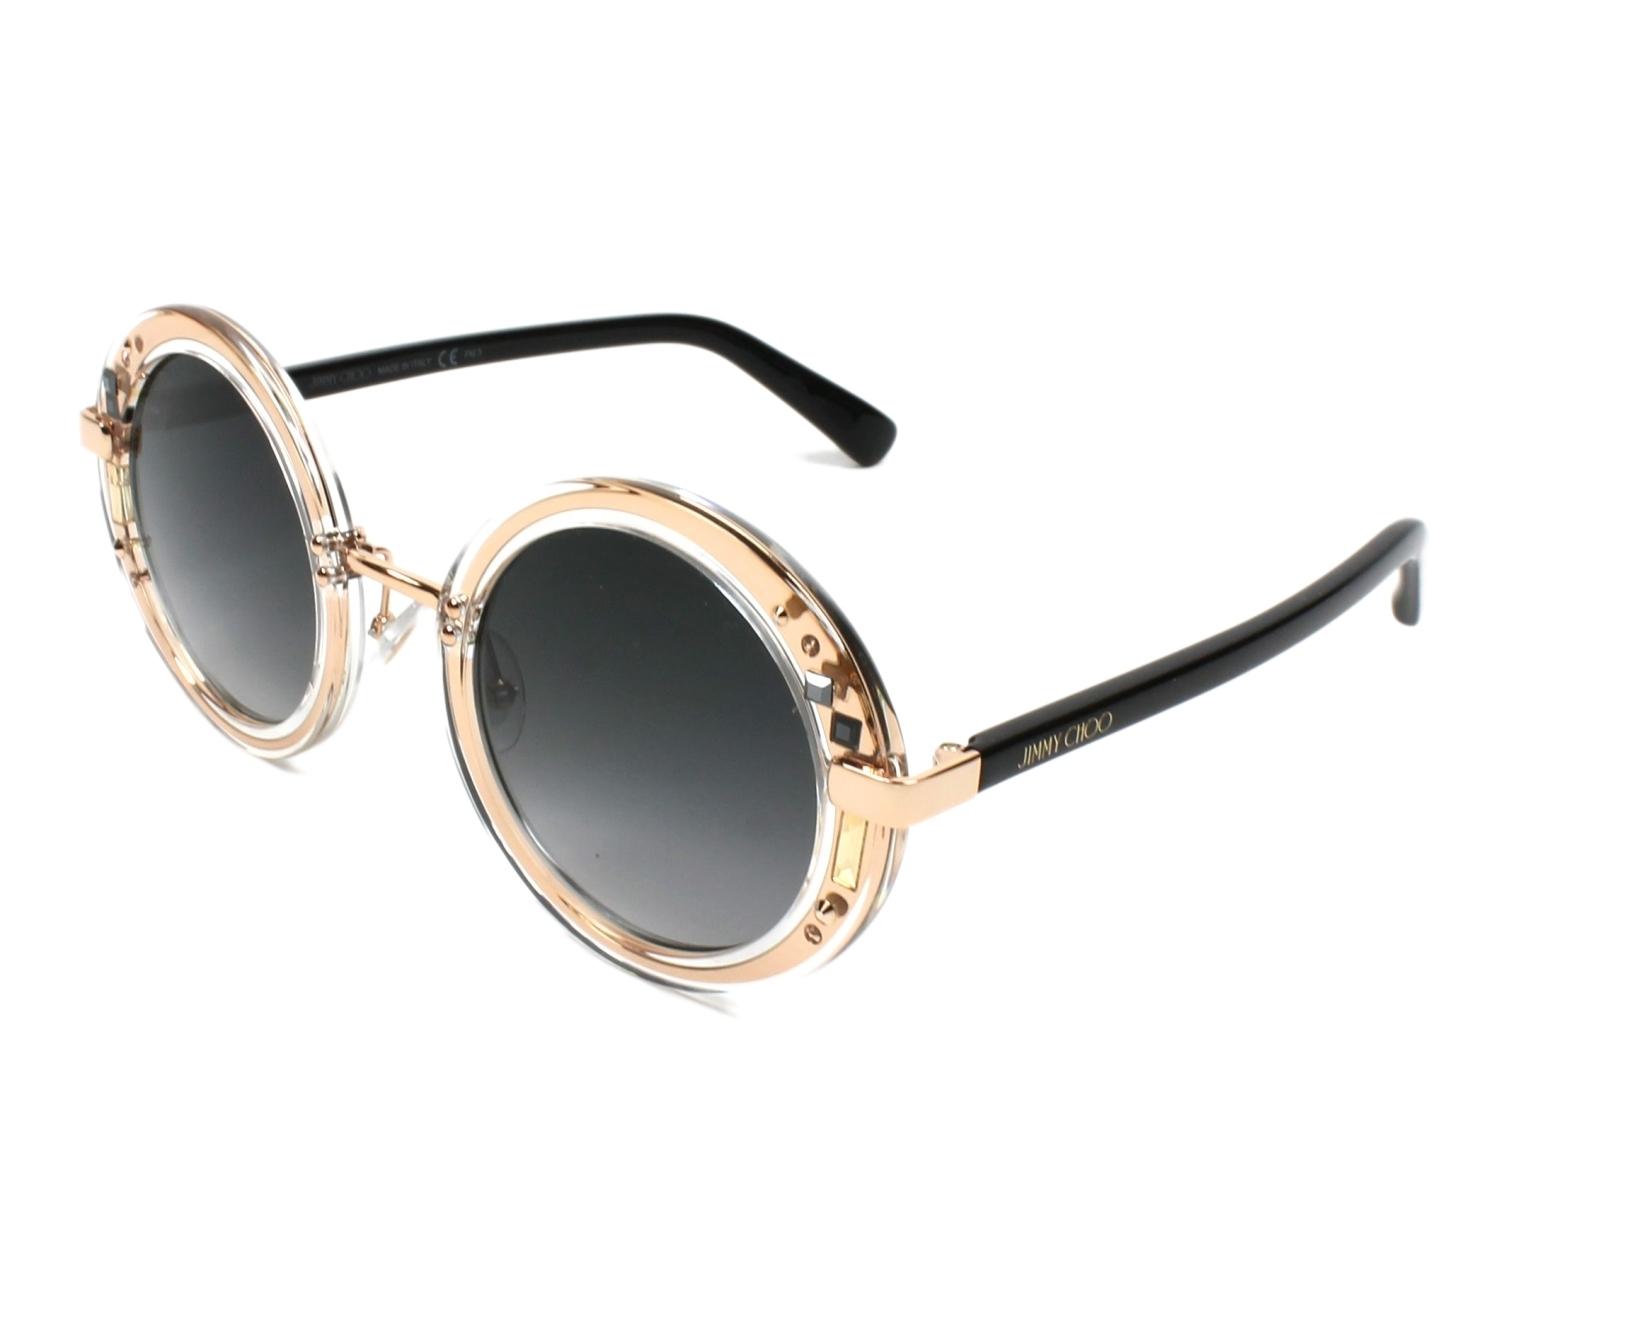 Jimmy Choo Gem/S Sonnenbrille Gold / Schwarz 1FN 48mm CDVwIL